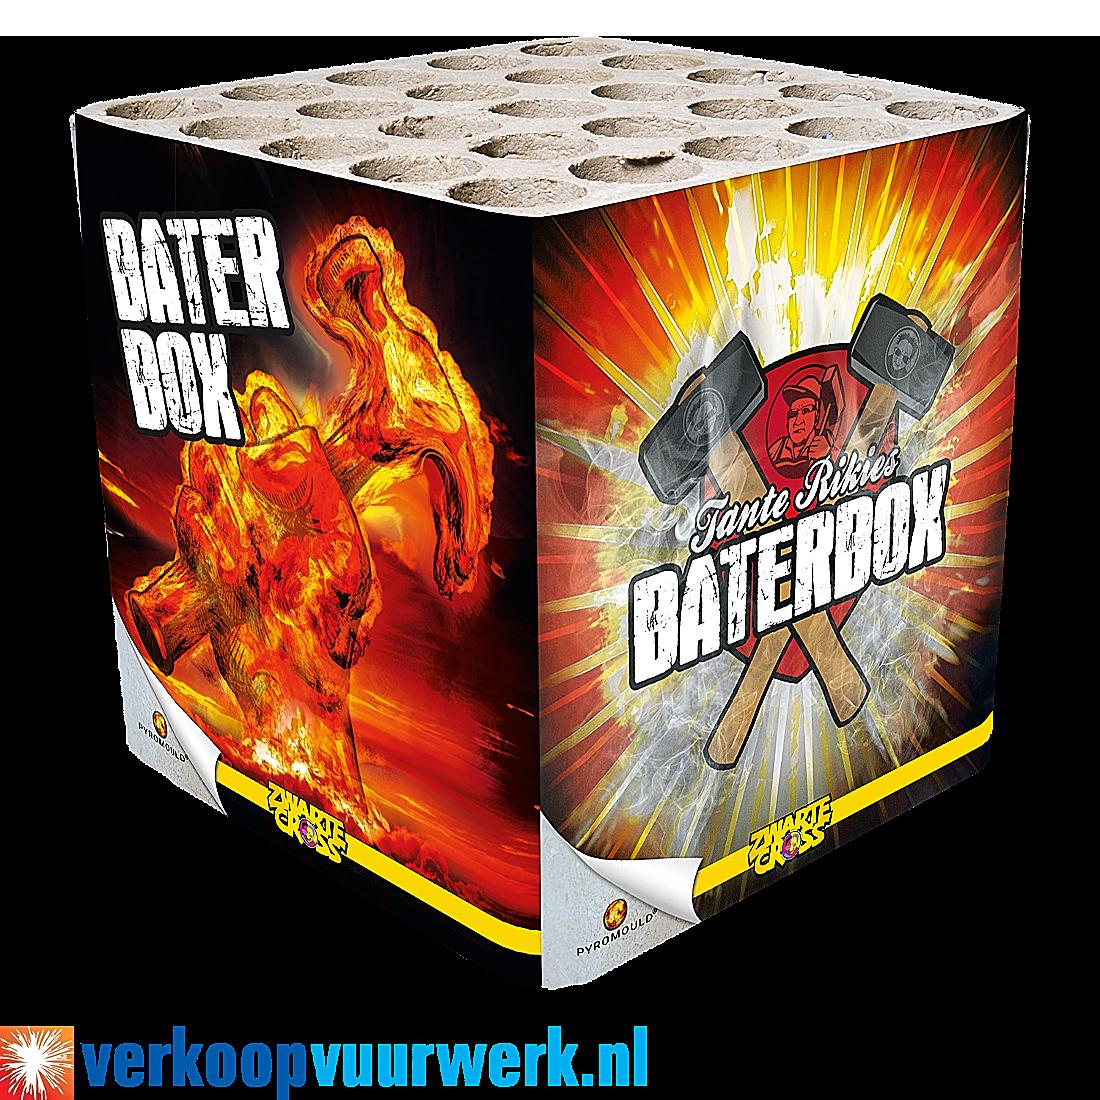 De Baterbox